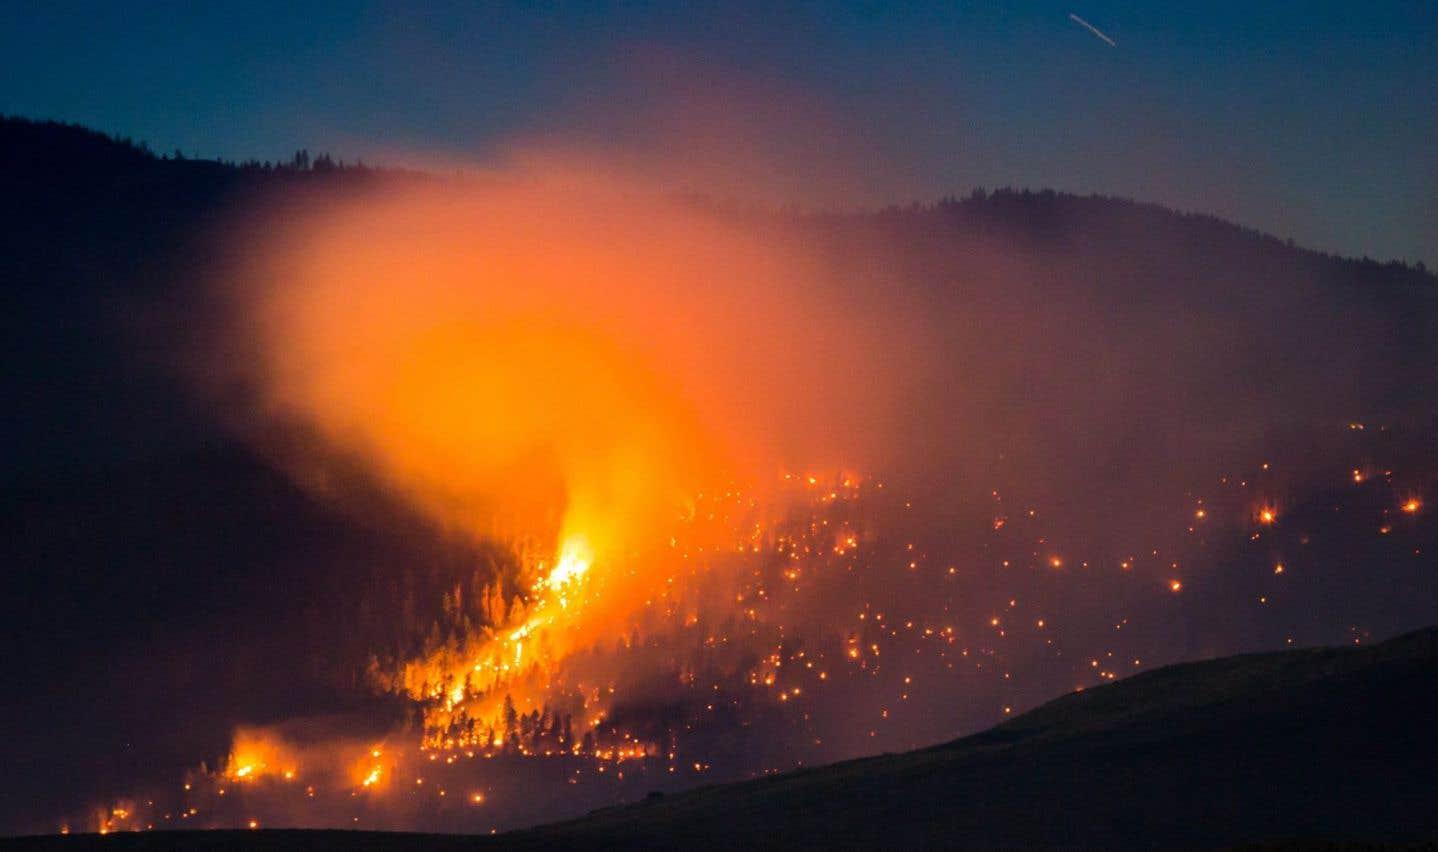 Plus de 200 incendies de forêt font rage en Colombie-Britannique